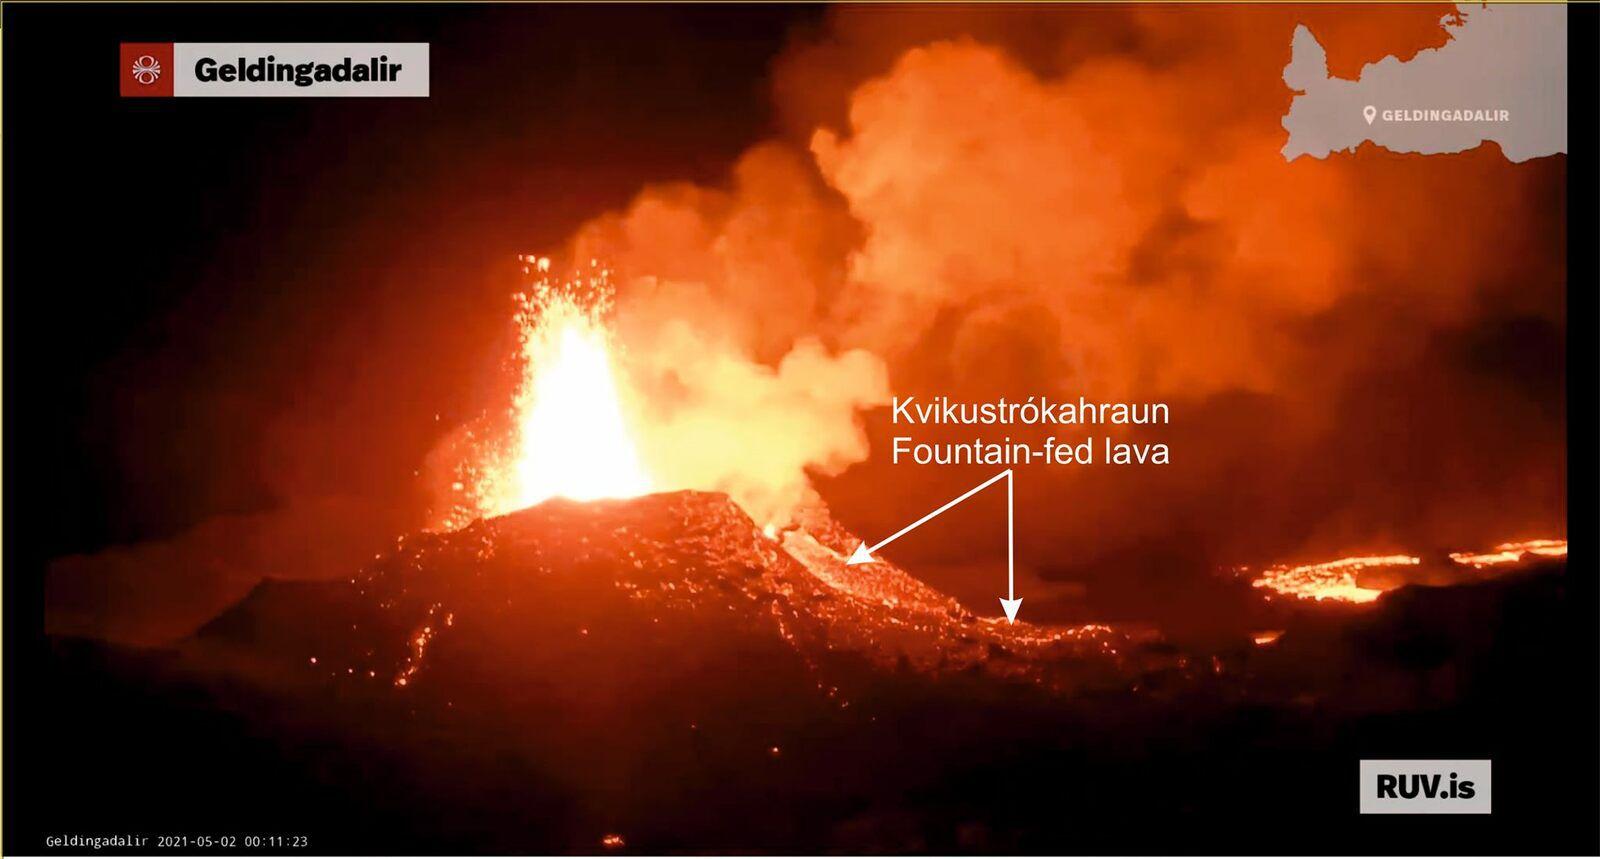 Geldingadalur - évent #5b - coulée de lave nourrie par une fontaine le 02.05.2021 / 00h11  -  webcam RUV annotée Eldfjallafræði og náttúruvárhópur Háskóla Íslands